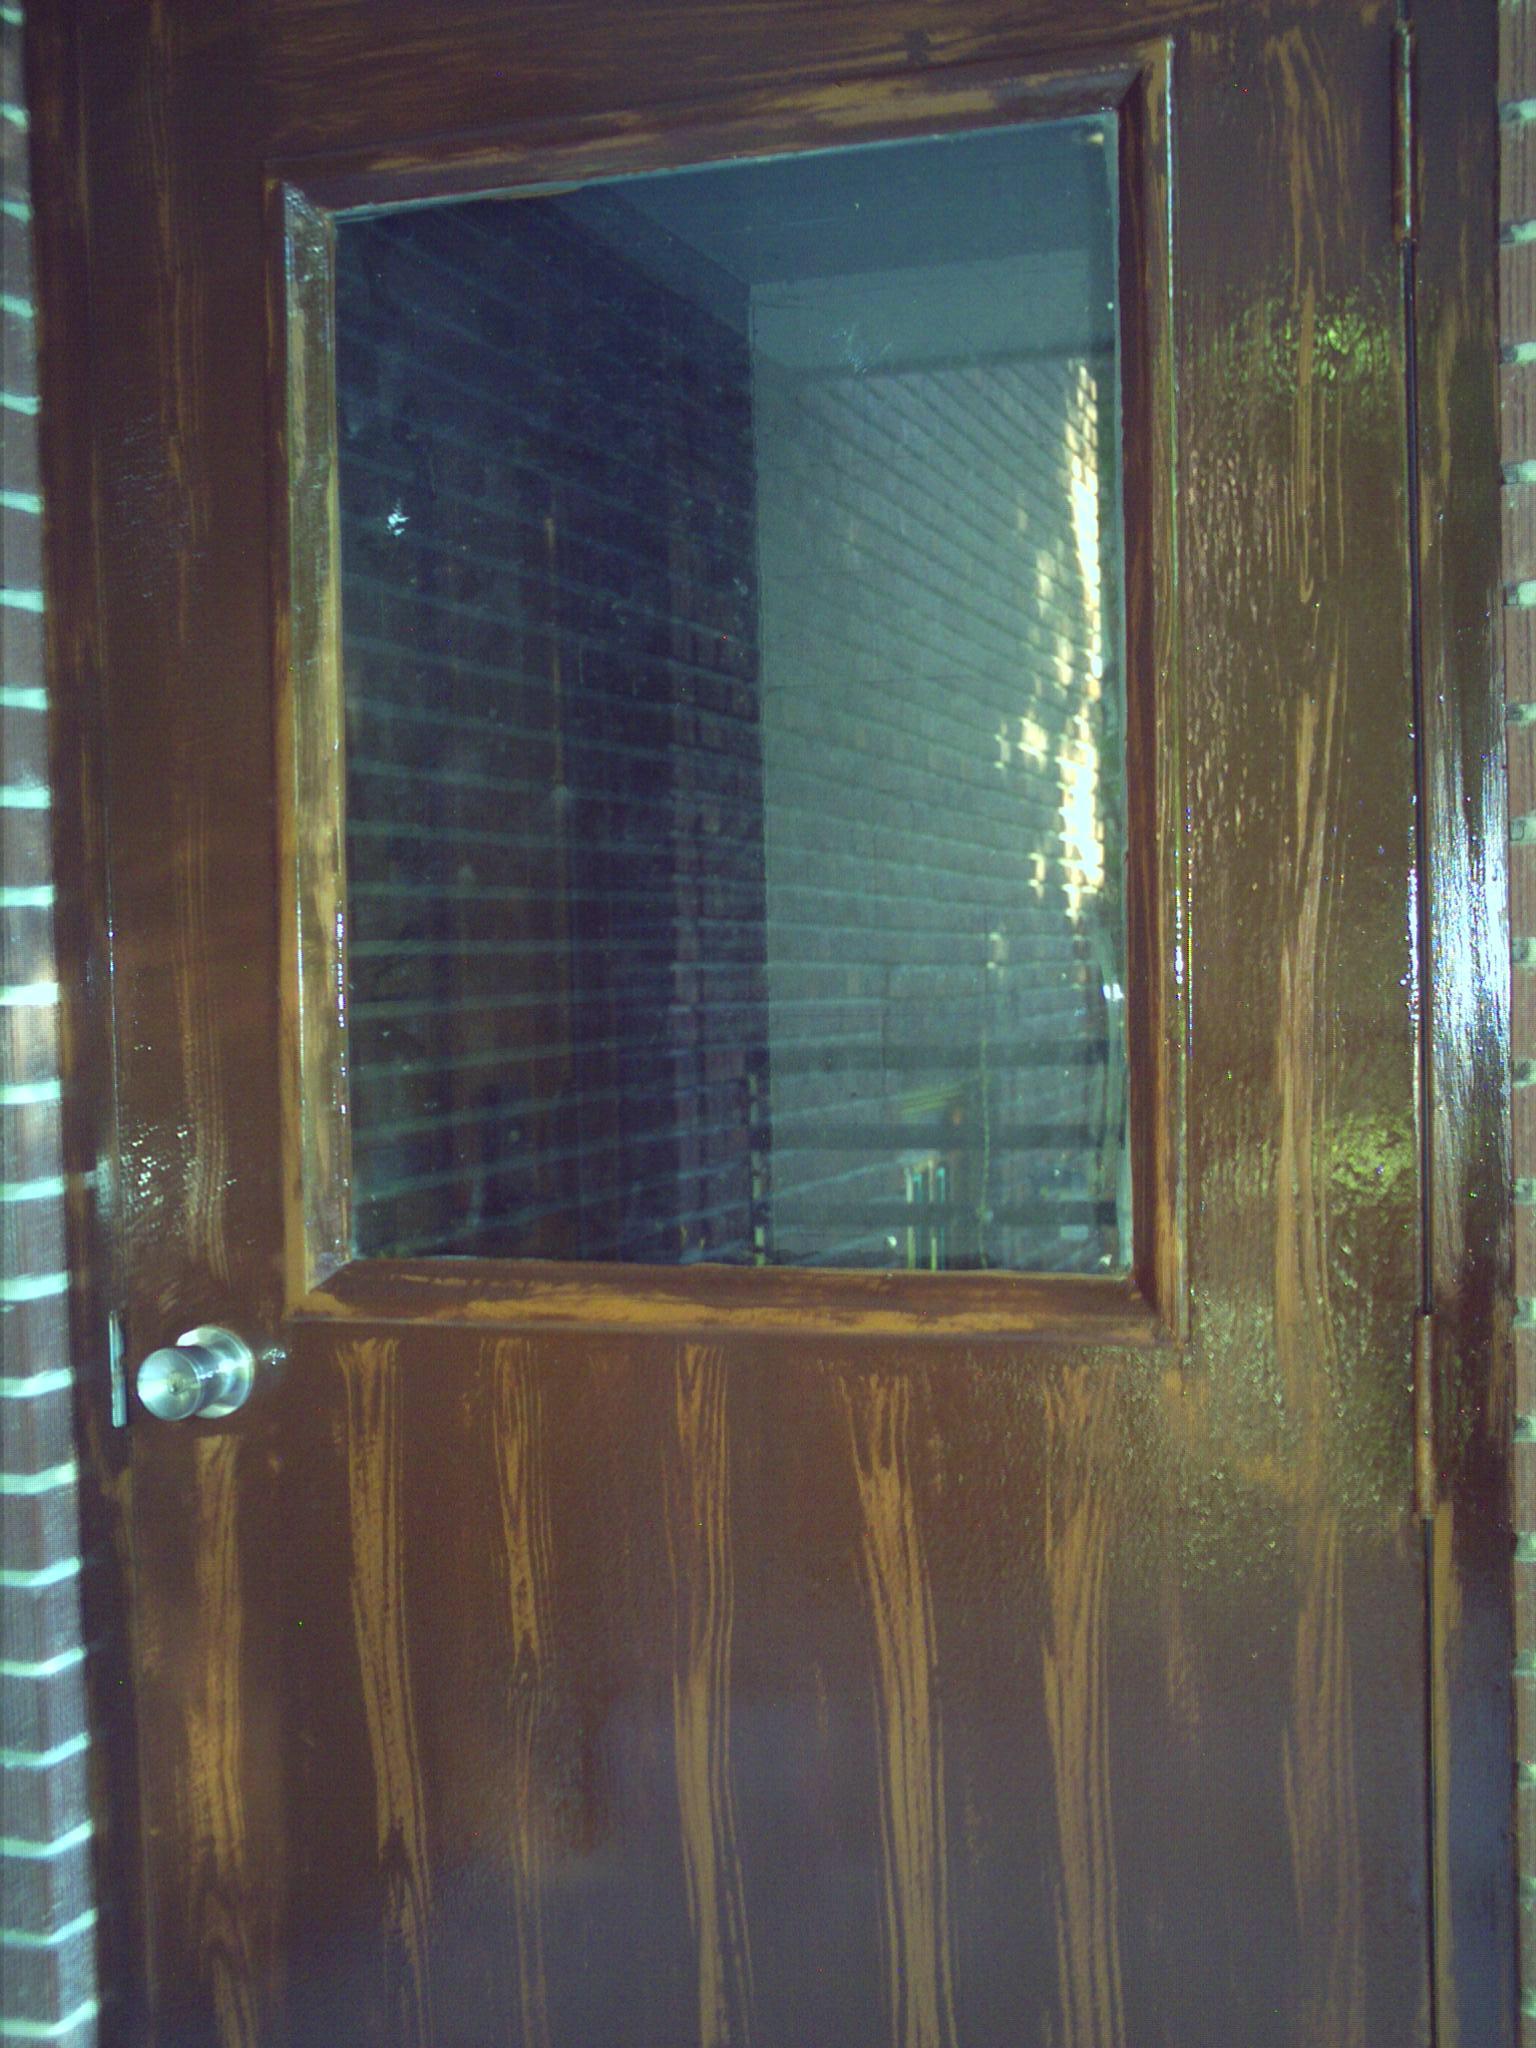 COMMERCIAL METAL UTILITY DOOR & COMMERCIAL UTILITY DOOR pezcame.com